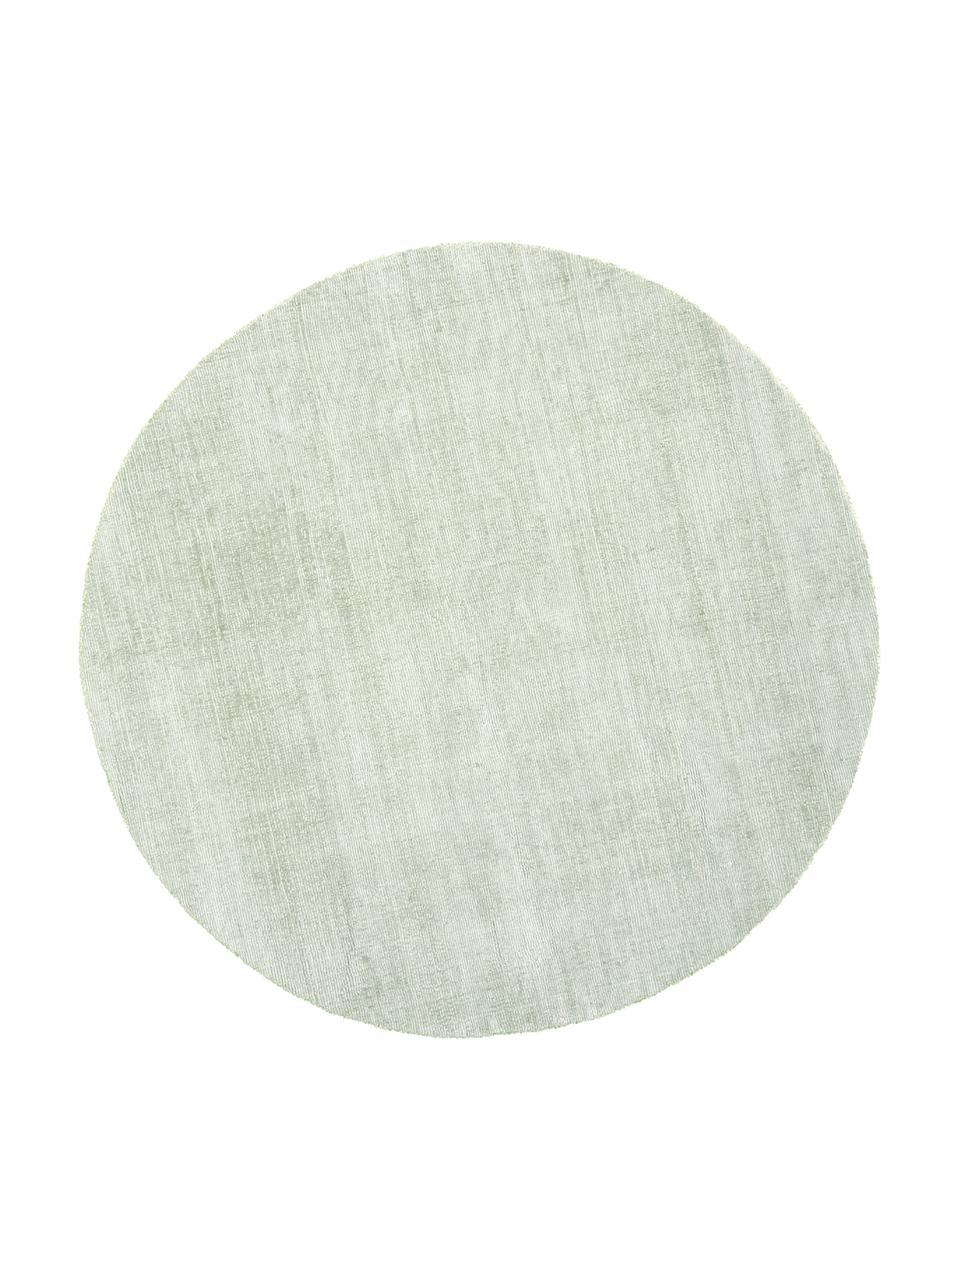 Tappeto rotondo in viscosa verde lime tessuto a mano Jane, Retro: 100% cotone, Verde lime, Ø 200 cm (taglia L)